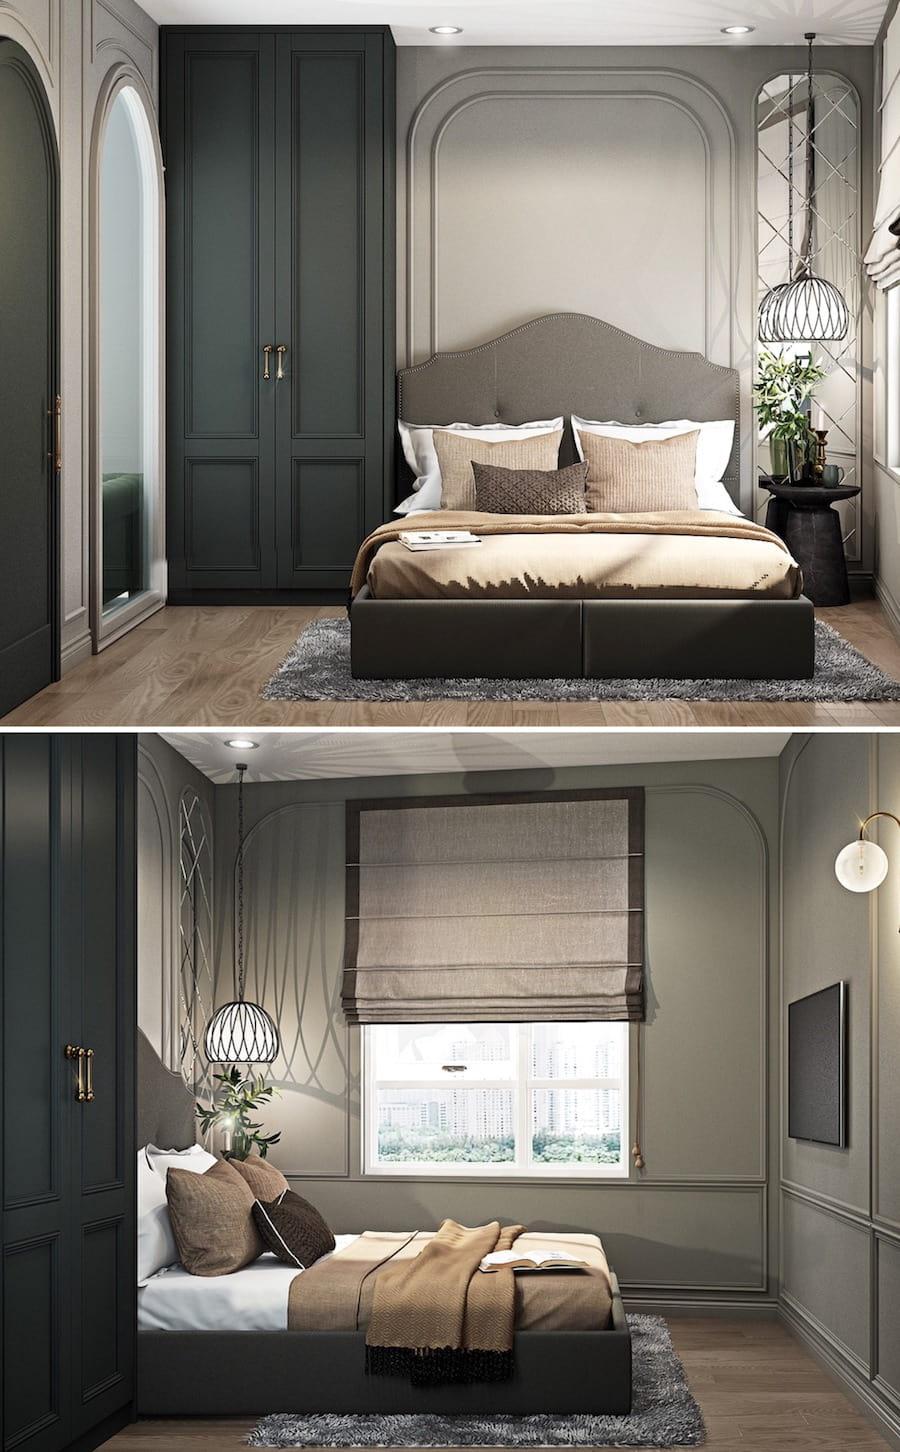 дизайн маленькой квартиры фото 12